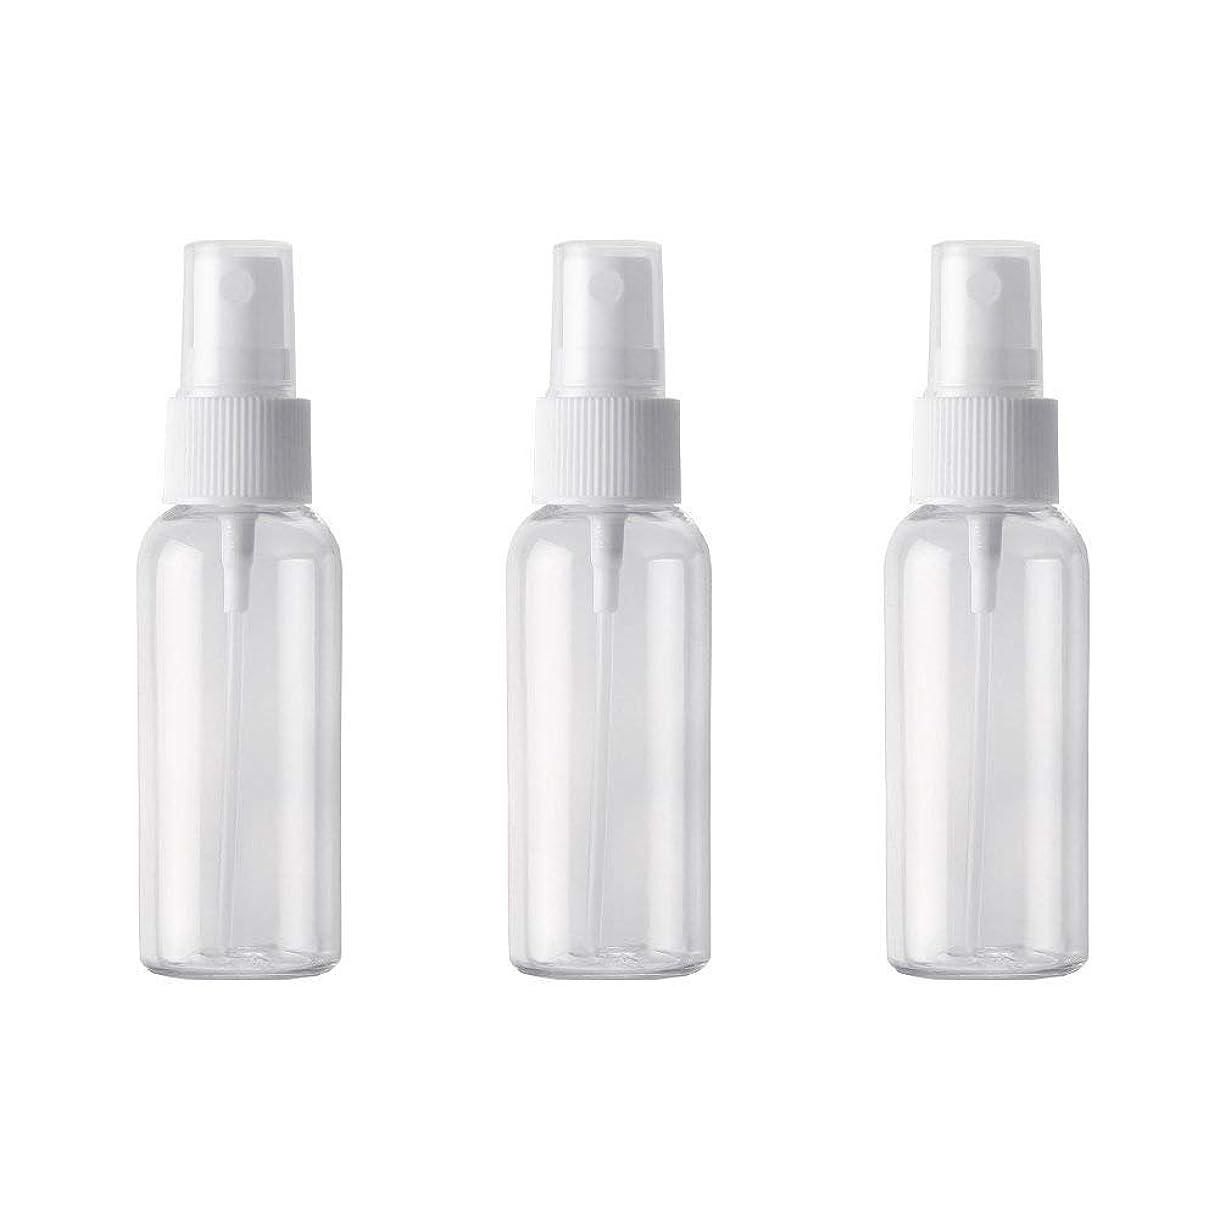 小分けボトル スプレーボトル 50ml おしゃれ 空ボトル 3本セット 環境保護の材料 PET素材 化粧水 詰替用ボトル 旅行用品